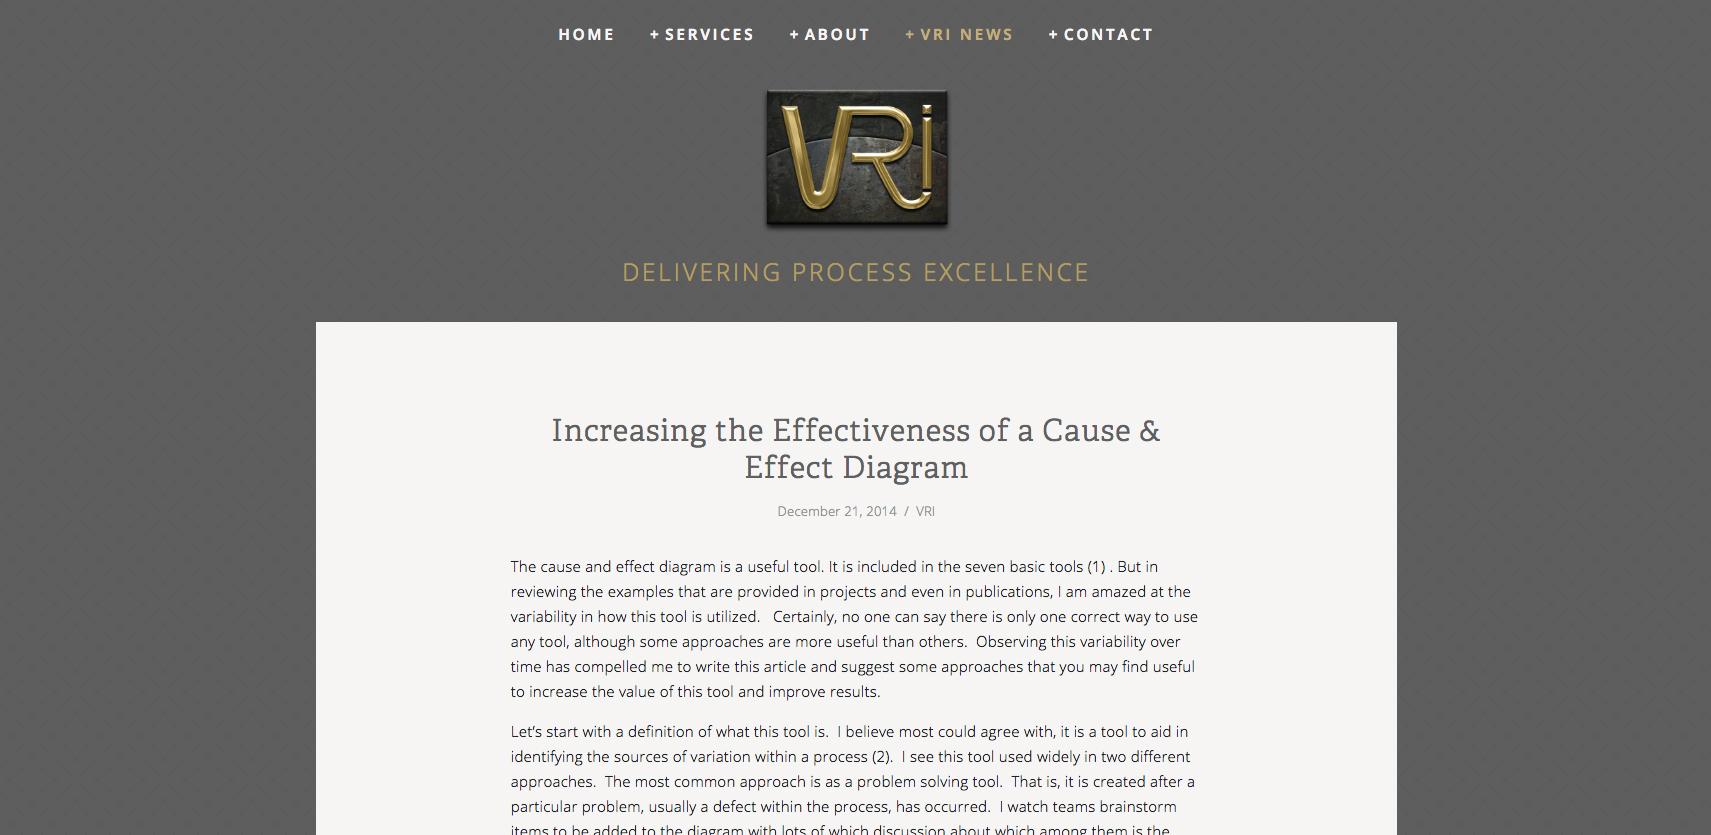 VRI Blog